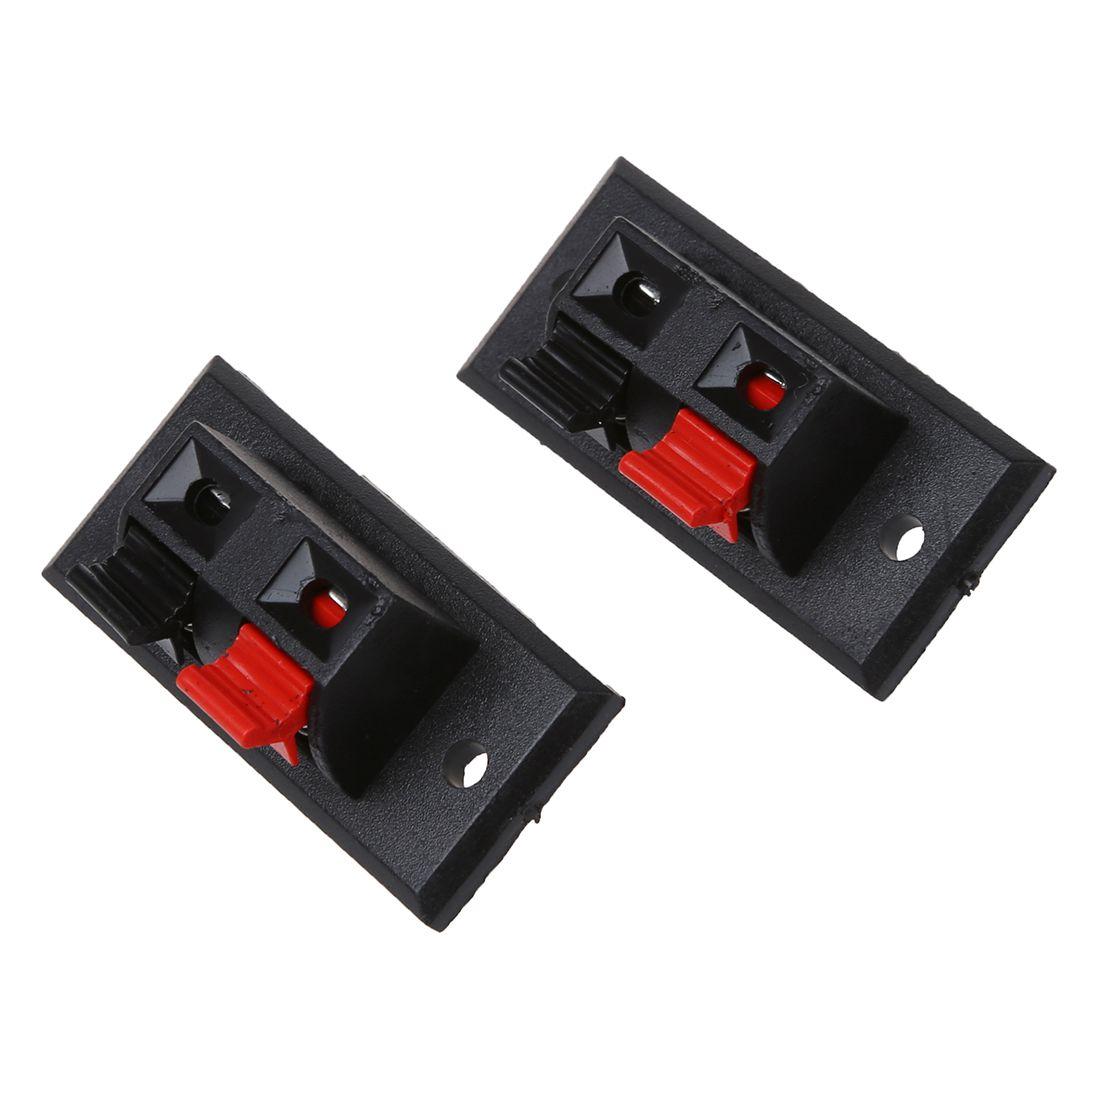 10x Einzelne Zeile 2-Pin Schalter Schieben Lautsprecher Verdrahtung ...